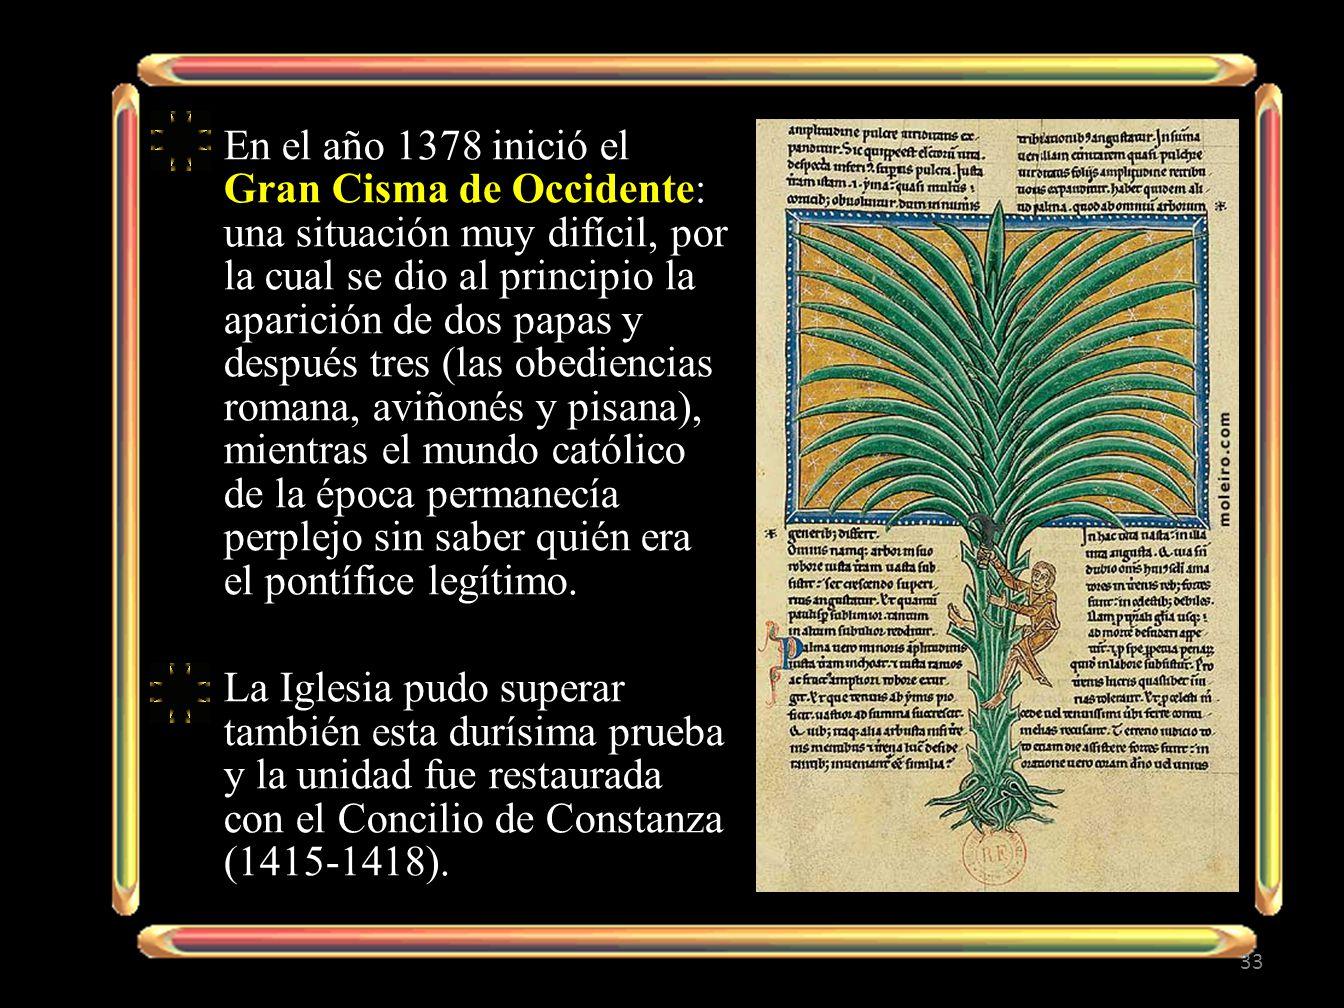 En el año 1378 inició el Gran Cisma de Occidente: una situación muy difícil, por la cual se dio al principio la aparición de dos papas y después tres